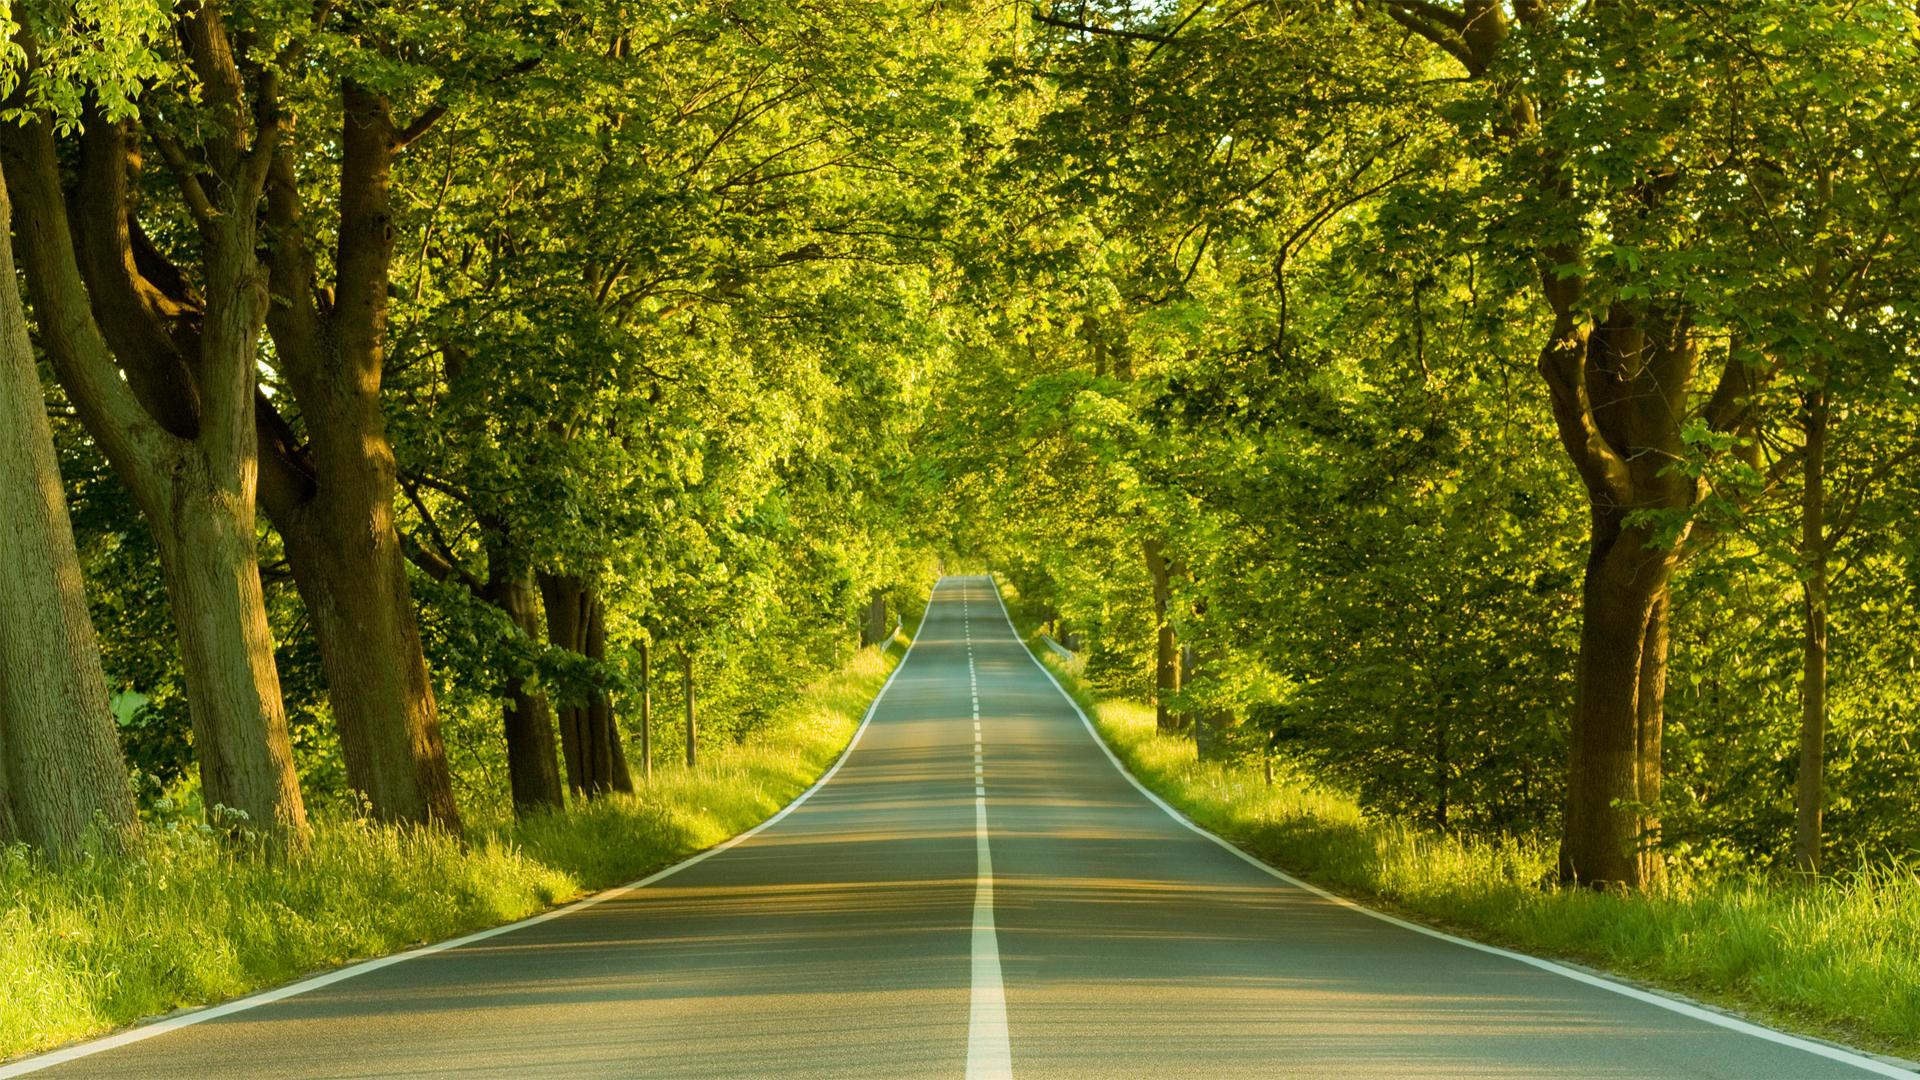 Full HD p Nature Wallpapers, Desktop Backgrounds HD, Pictures H D Wallpaper  Nature Wallpapers)